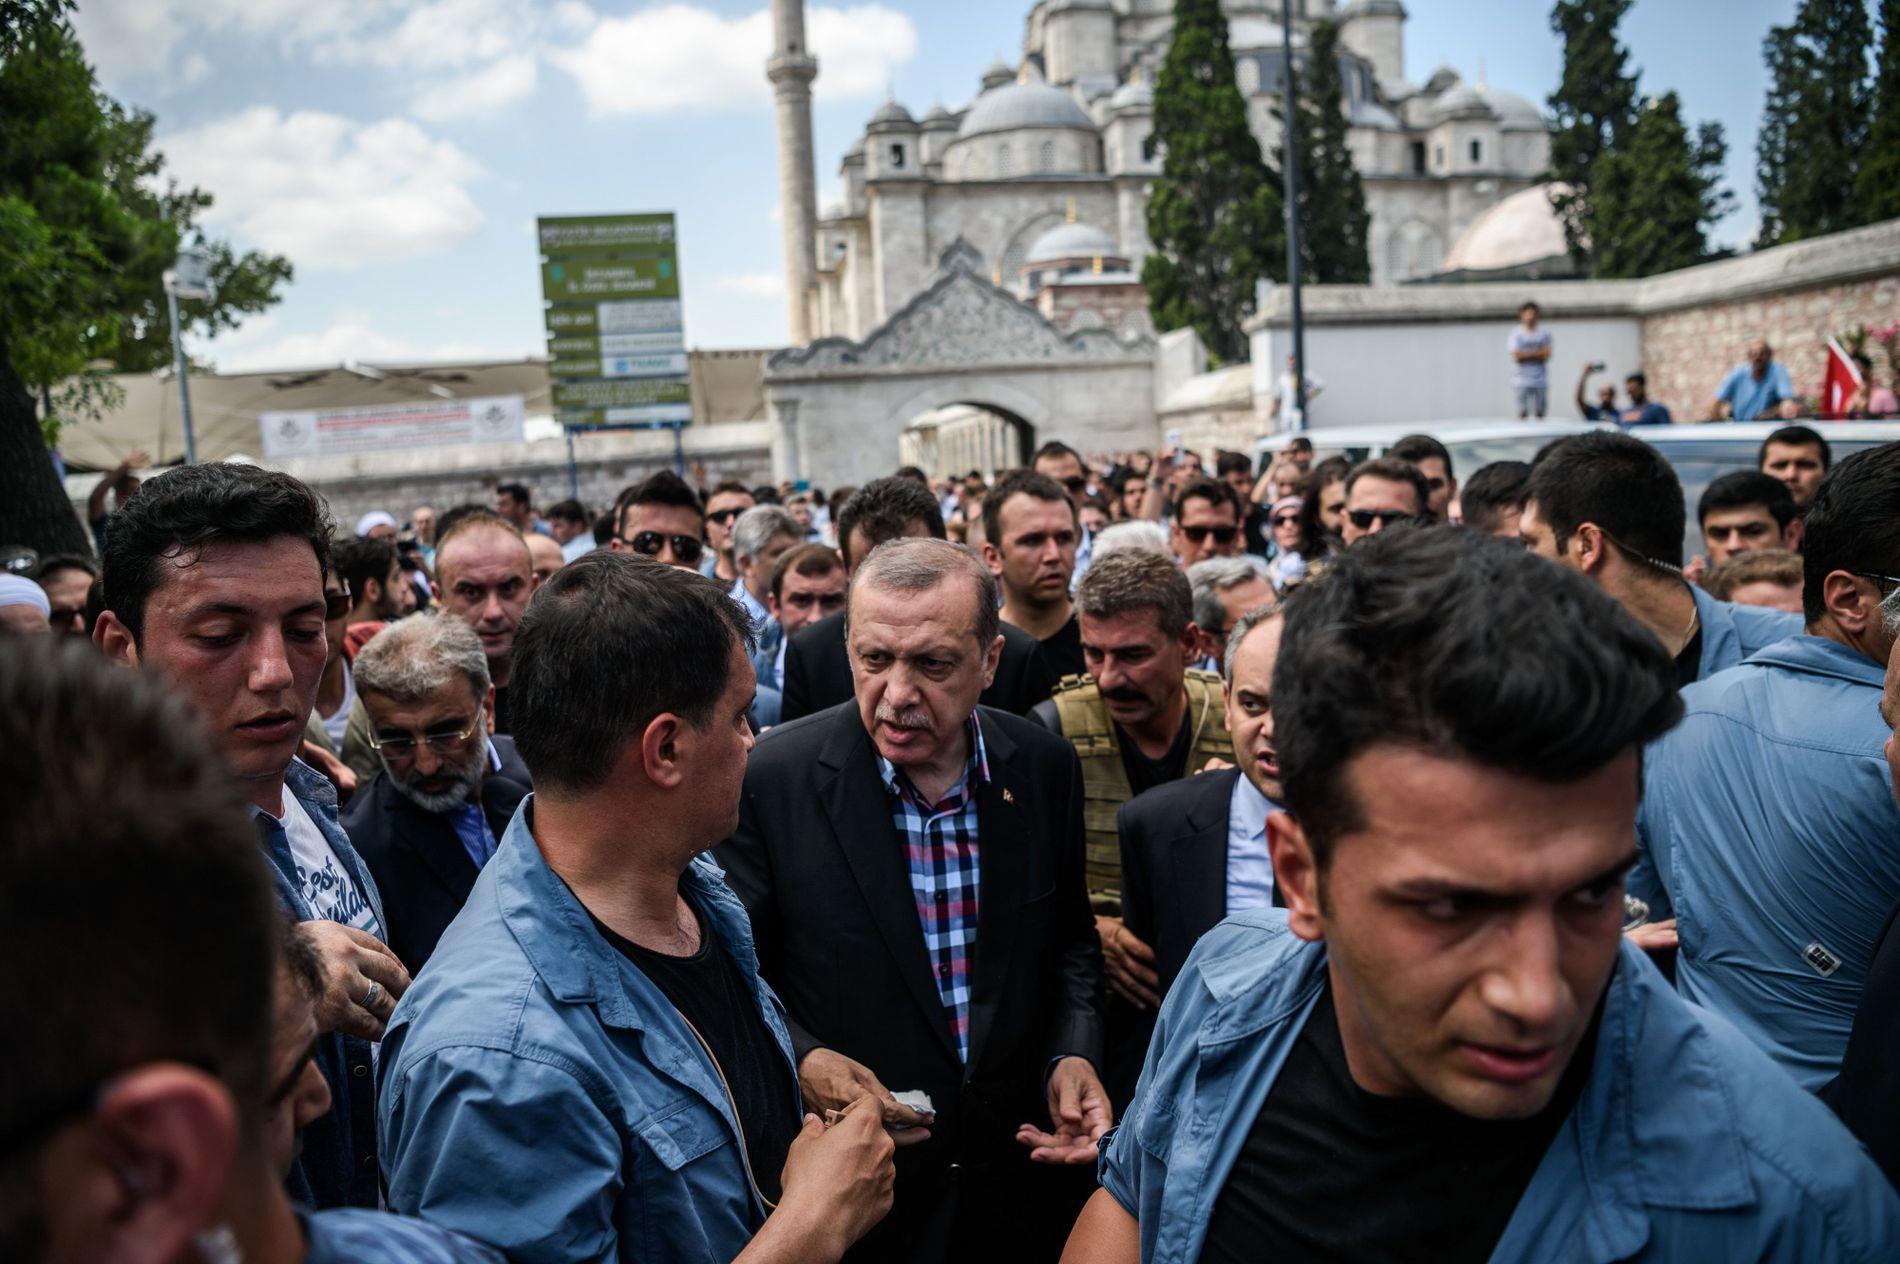 ETTER KUPPET: President Recep Tayyip Erdogan, omringet av sine livvakter, dagen etter kuppforsøket i Tyrkia i juli 2016.